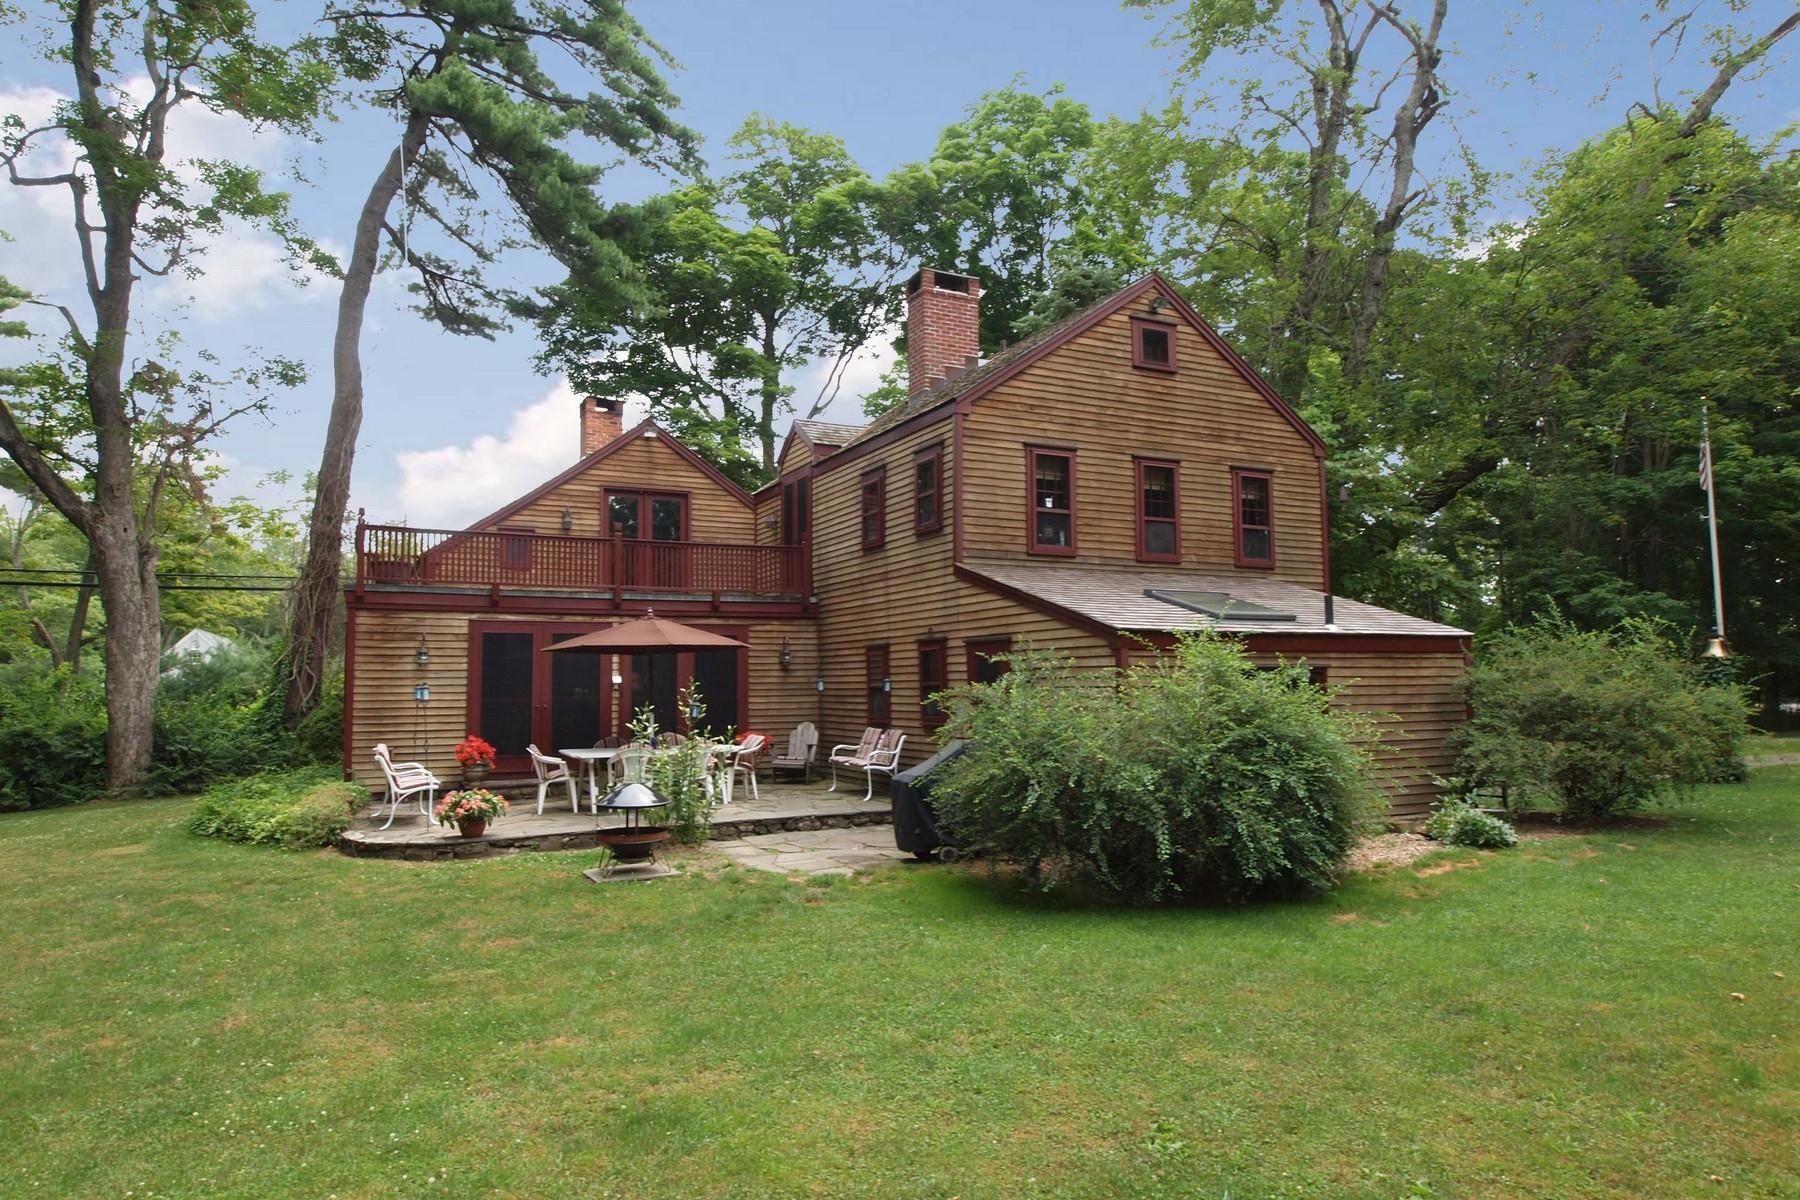 Maison unifamiliale pour l Vente à Country Compound 177 Lonetown Road Redding, Connecticut 06896 États-Unis